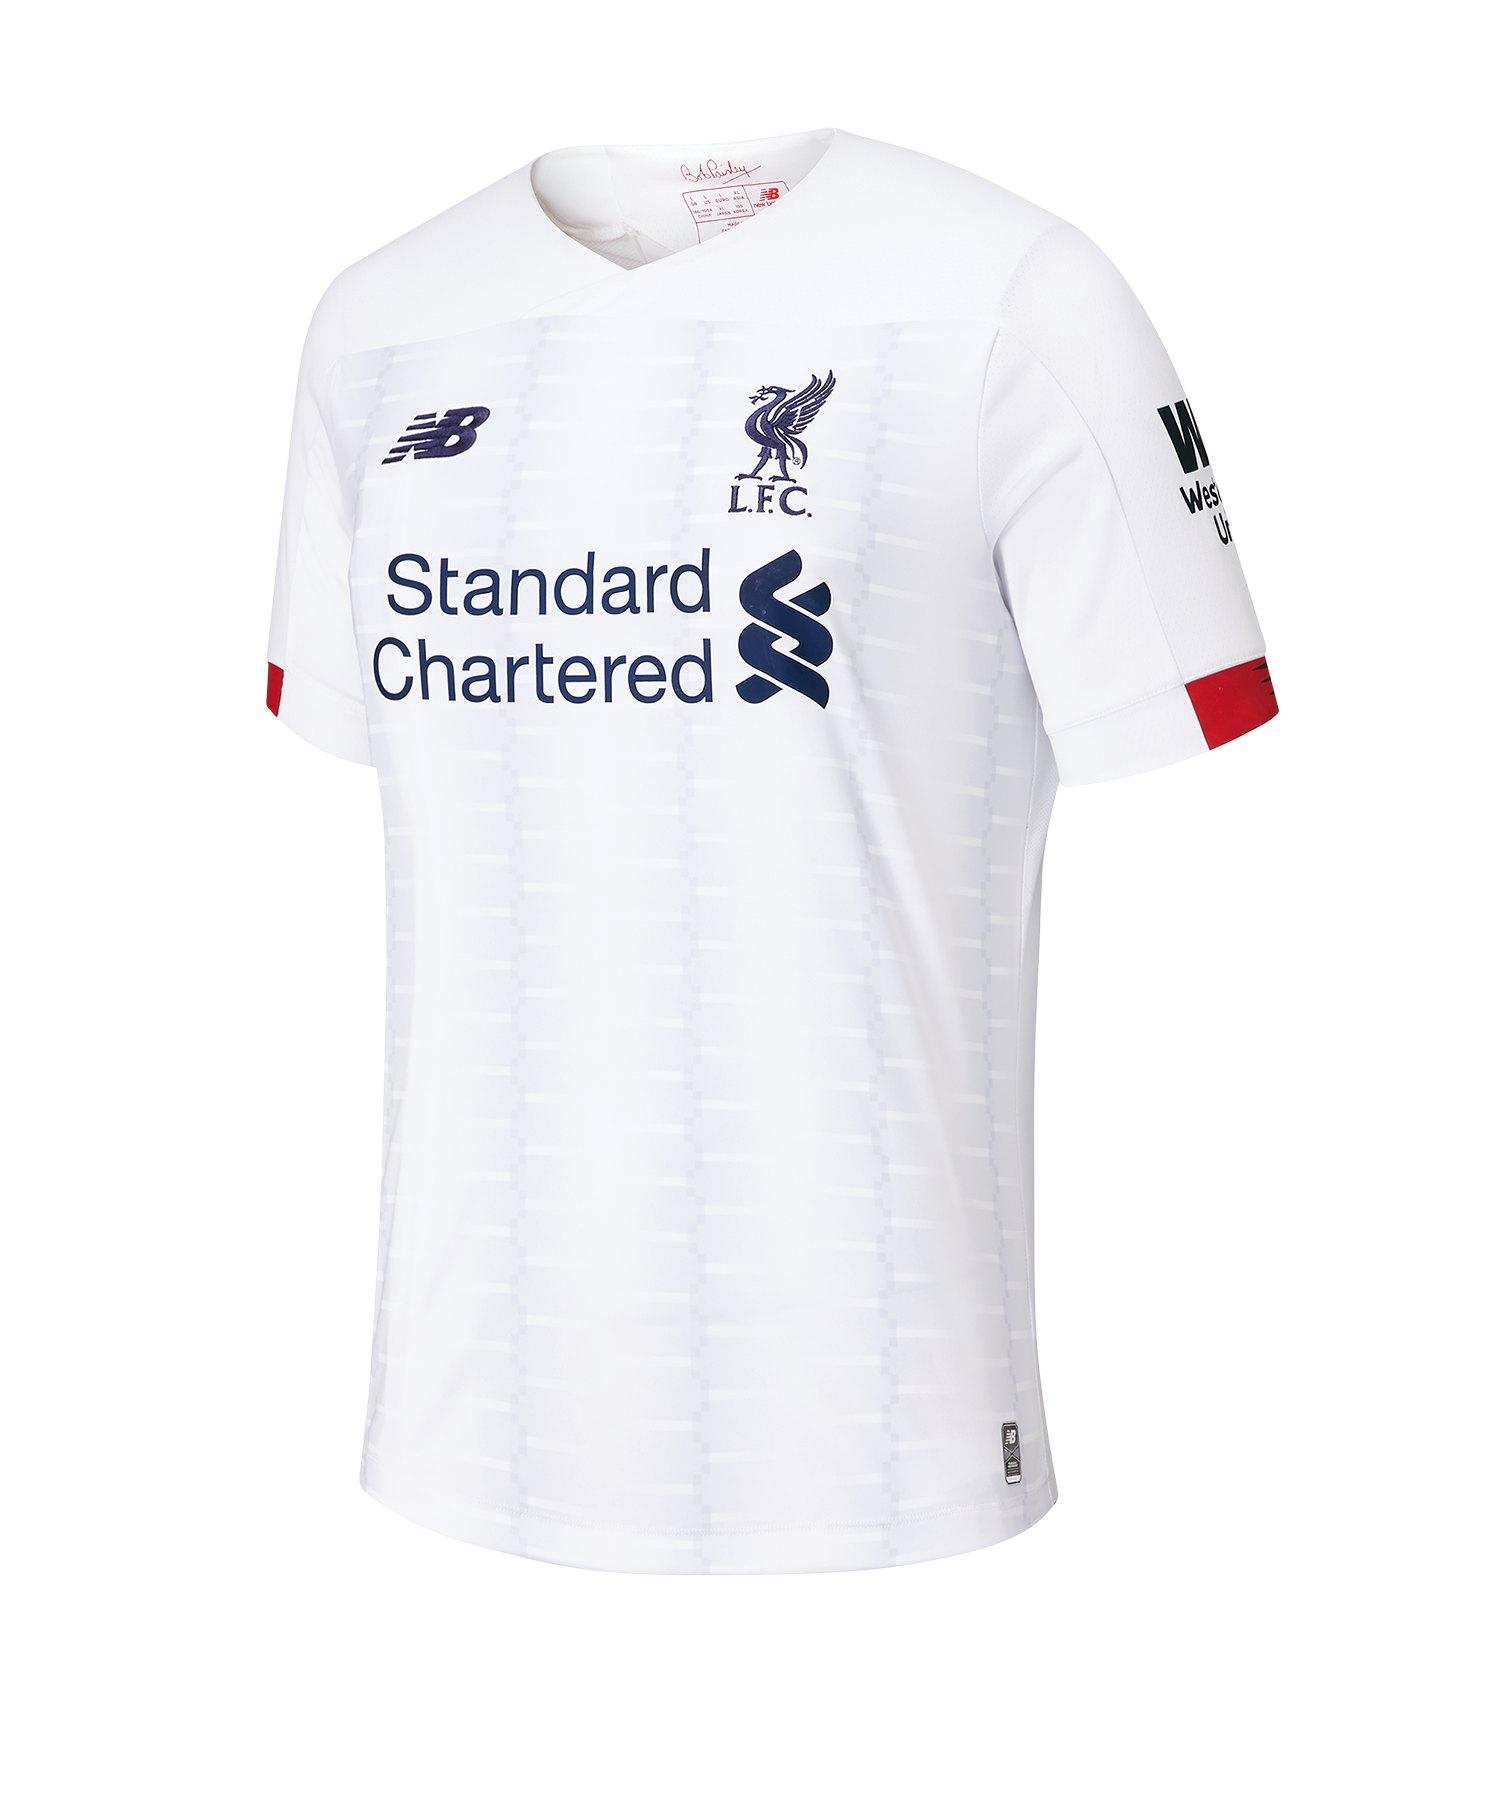 New Balance FC Liverpool Trikot Away 2019/2020 Weiss - weiss